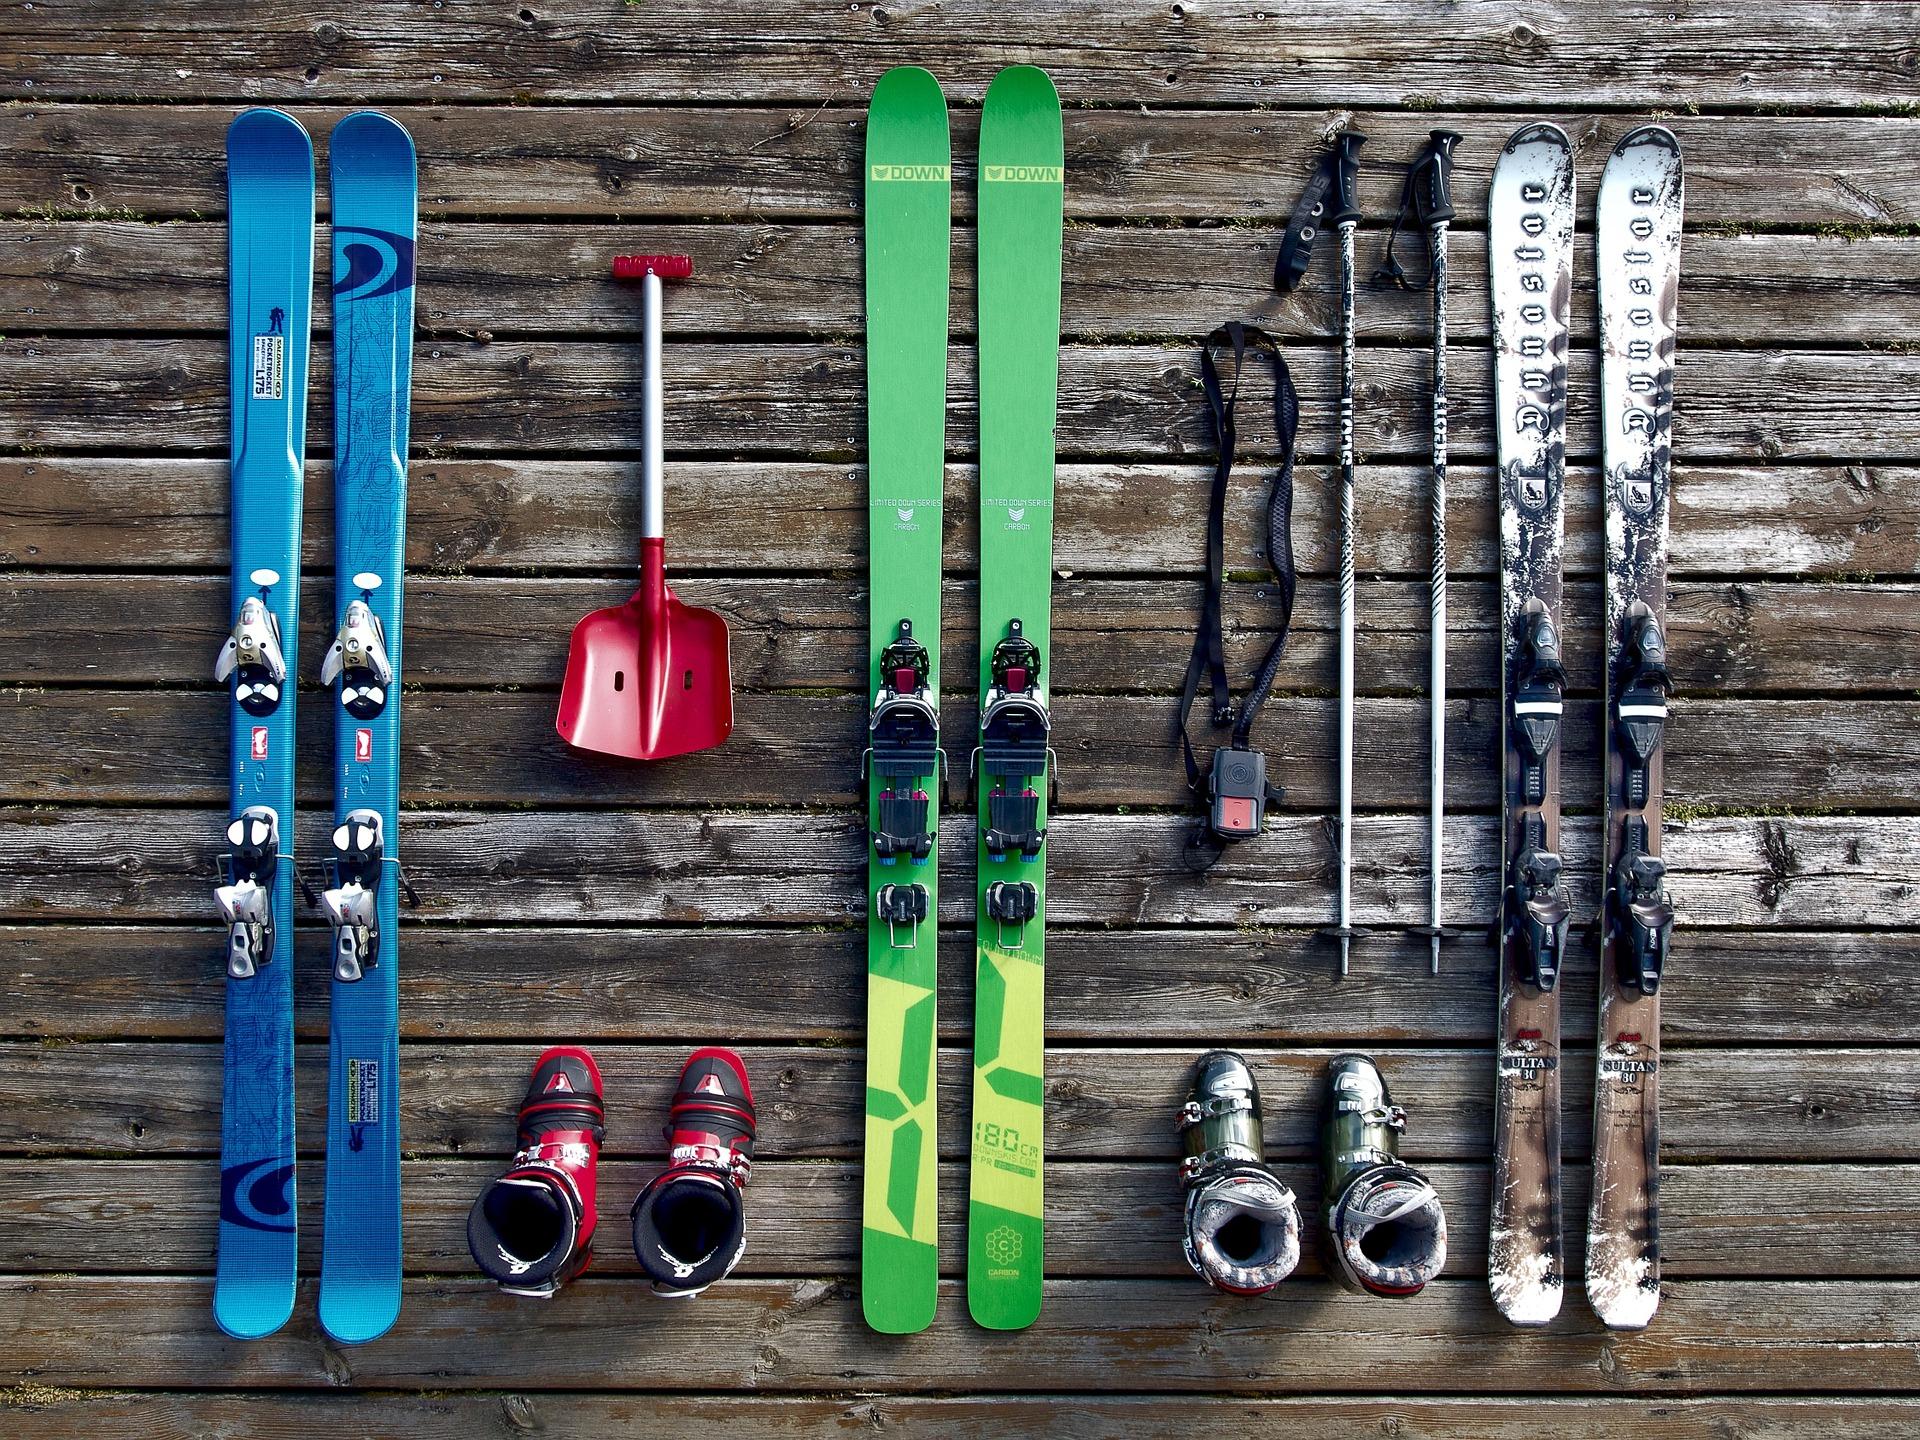 tag et kontantlån til nye ski på nettet